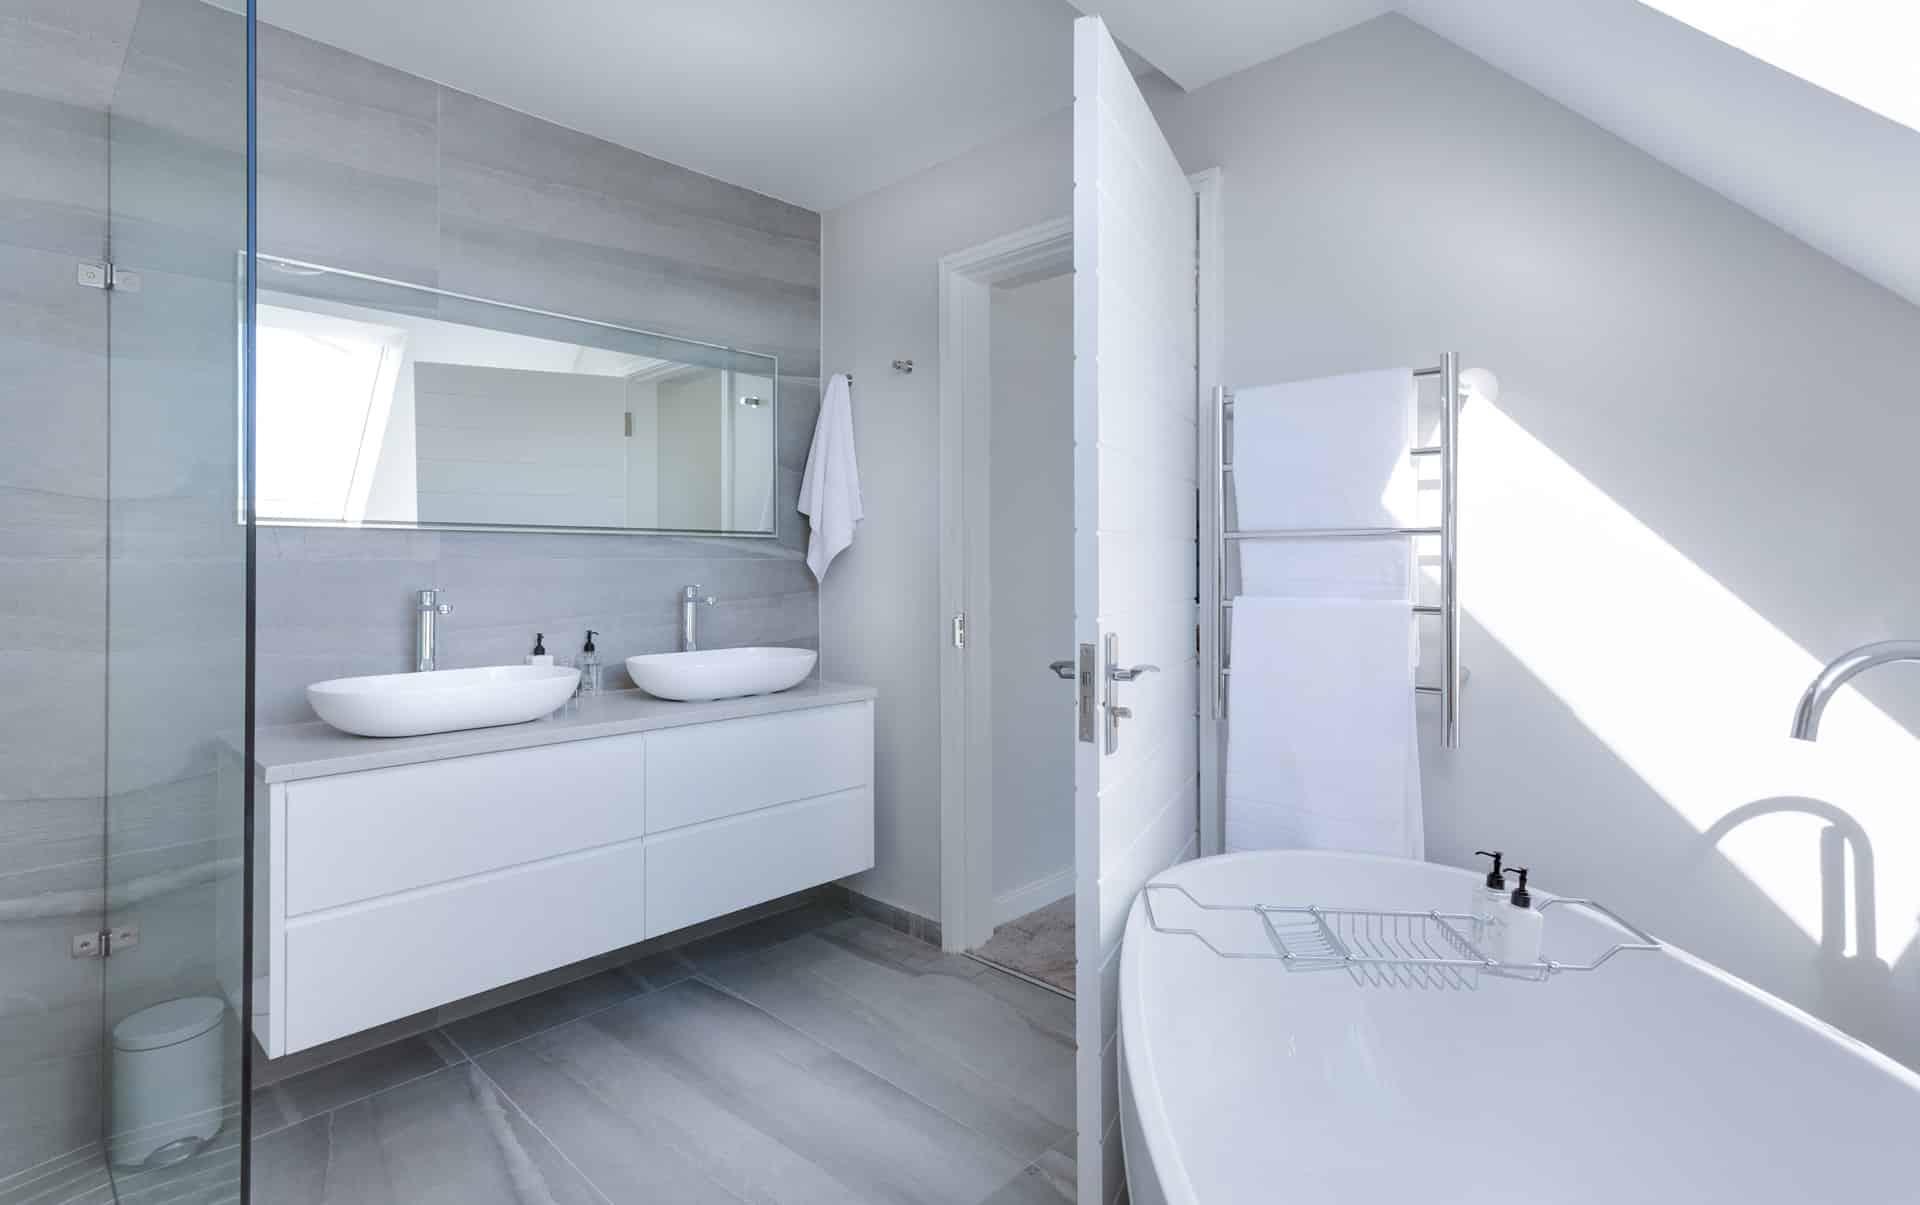 Comment rénover une salle de bain ?